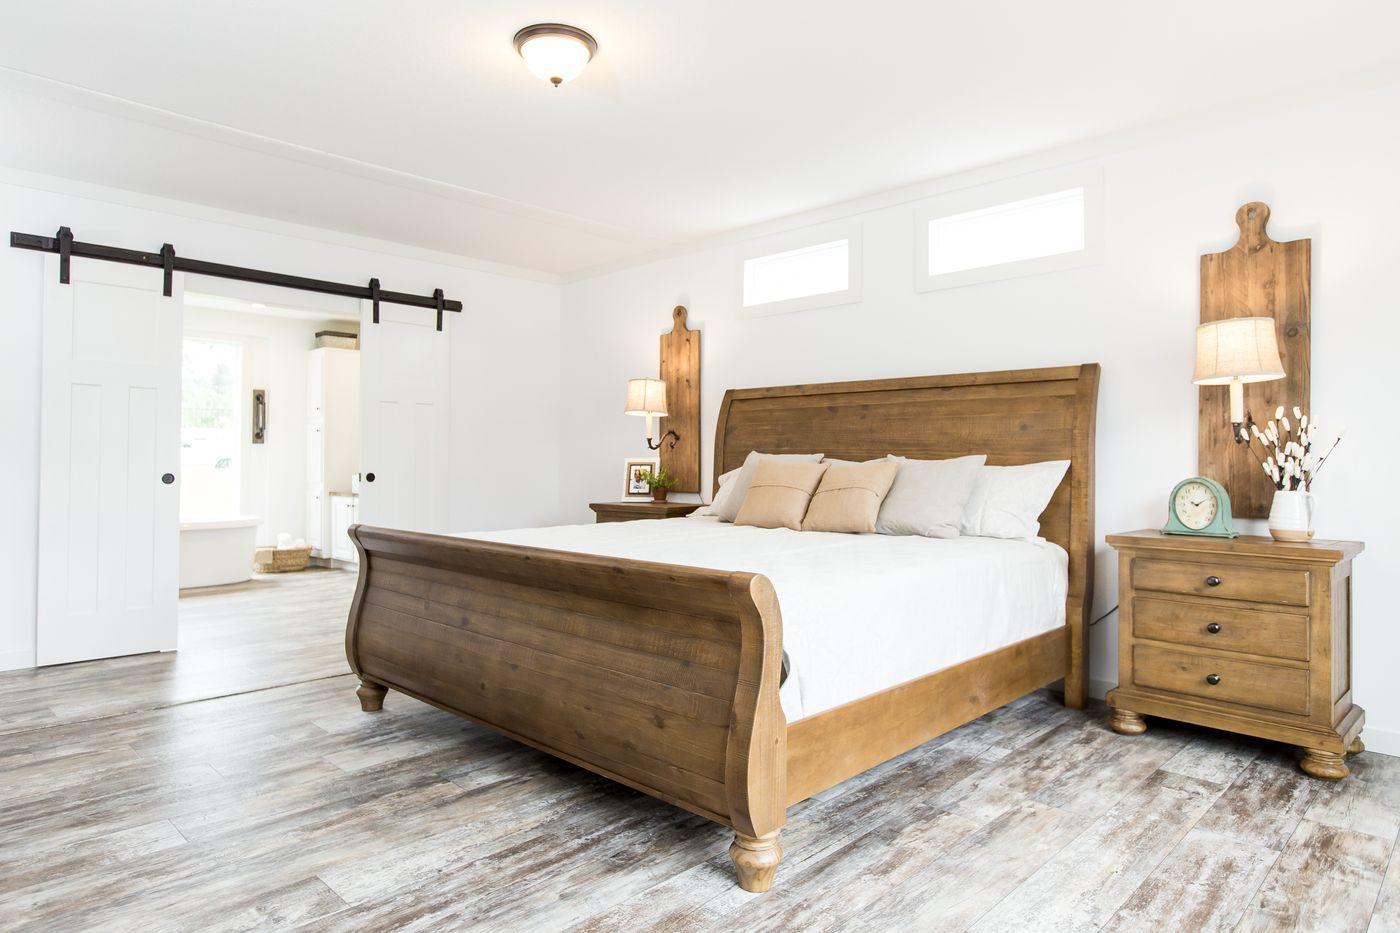 The Lulamae Bedroom